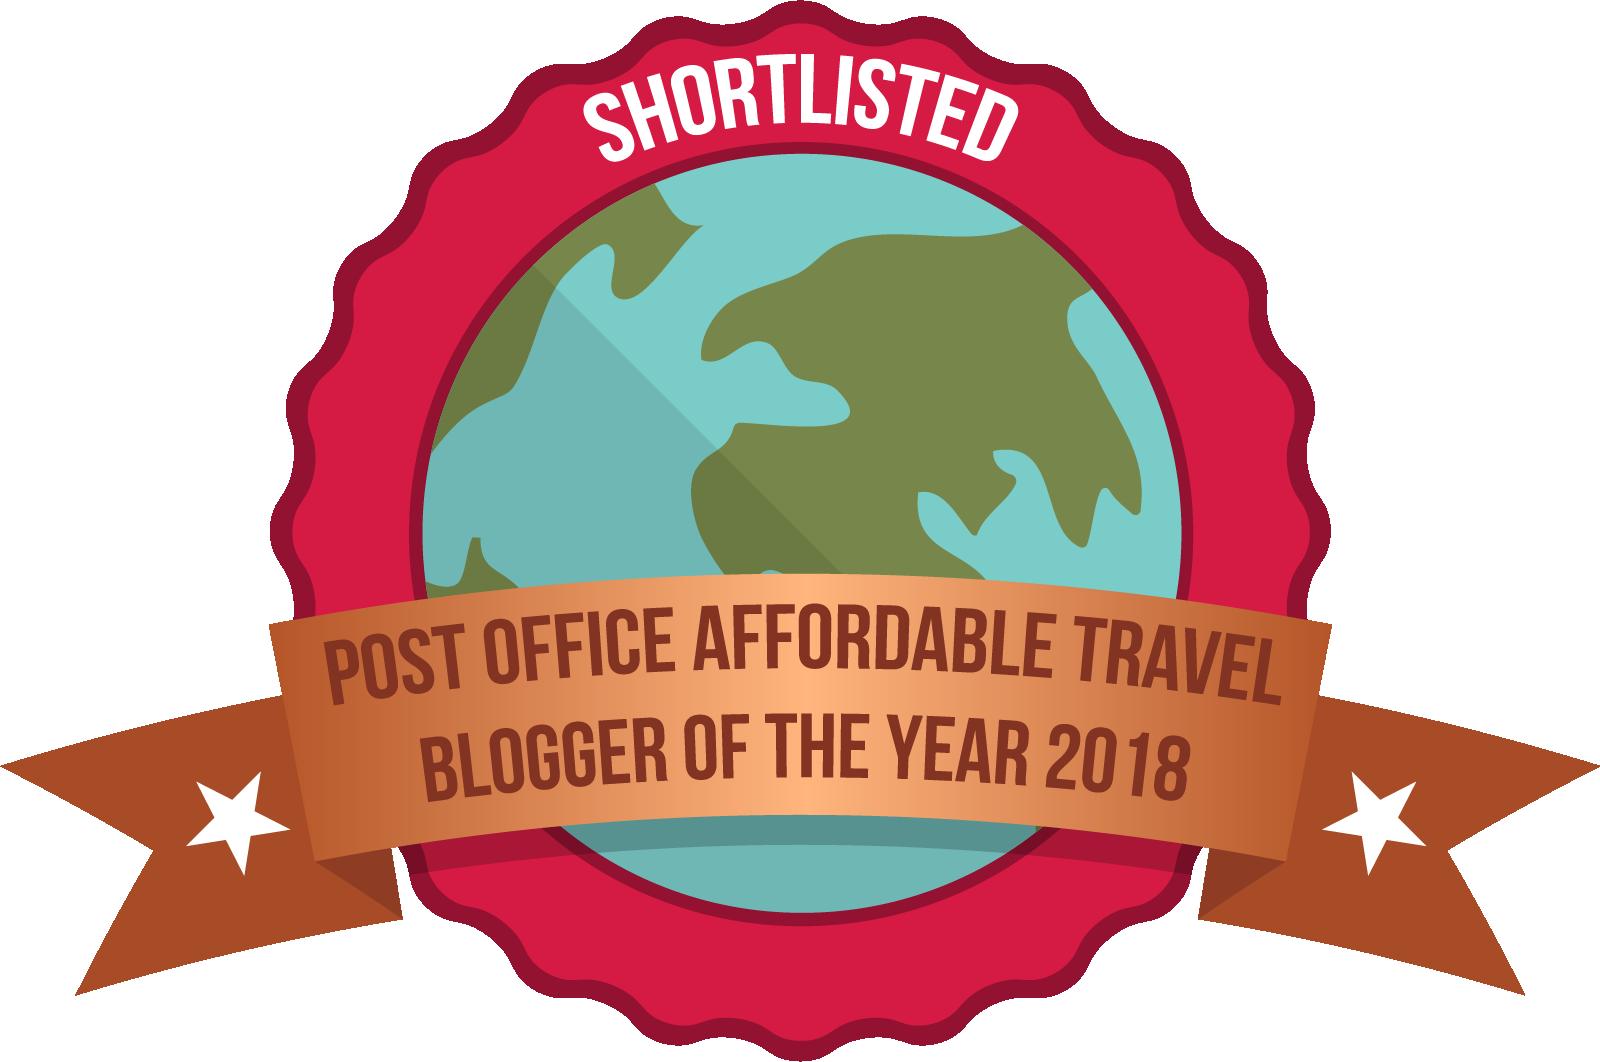 PostOffice_BloggerAwards_ShortList_Affordable Travel.PNG